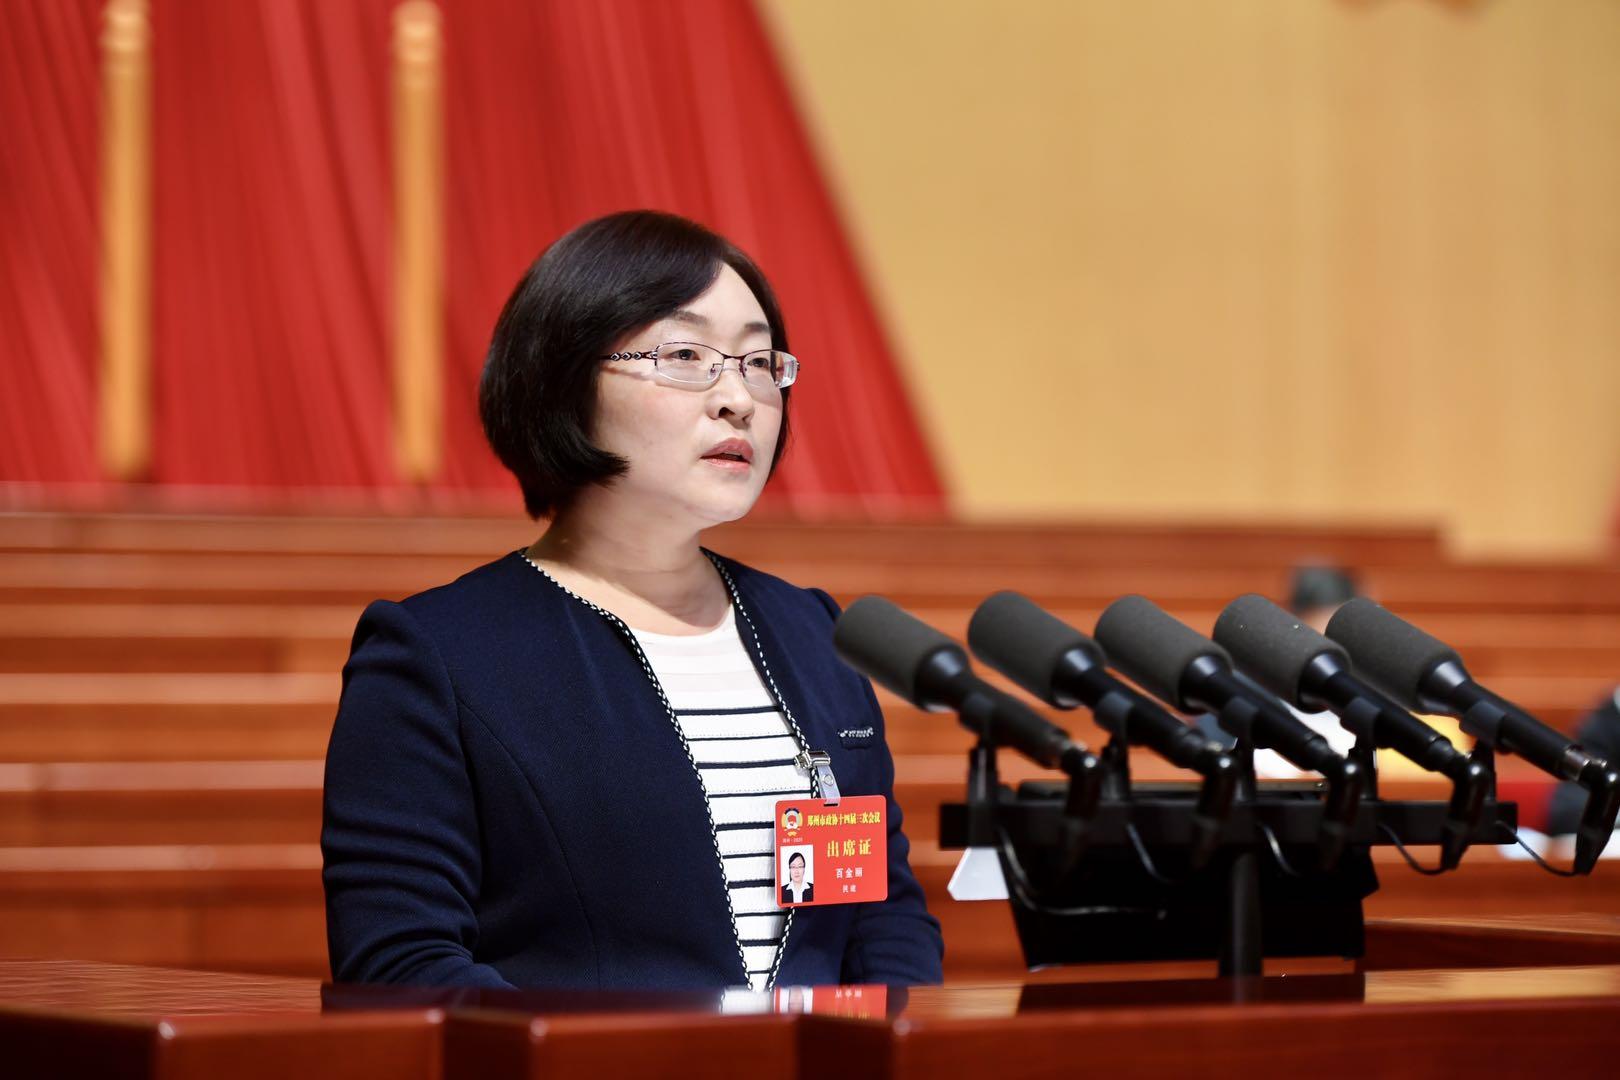 秘书长百金丽代表民建郑州市委在市政协十四届三次会议上作大会发言